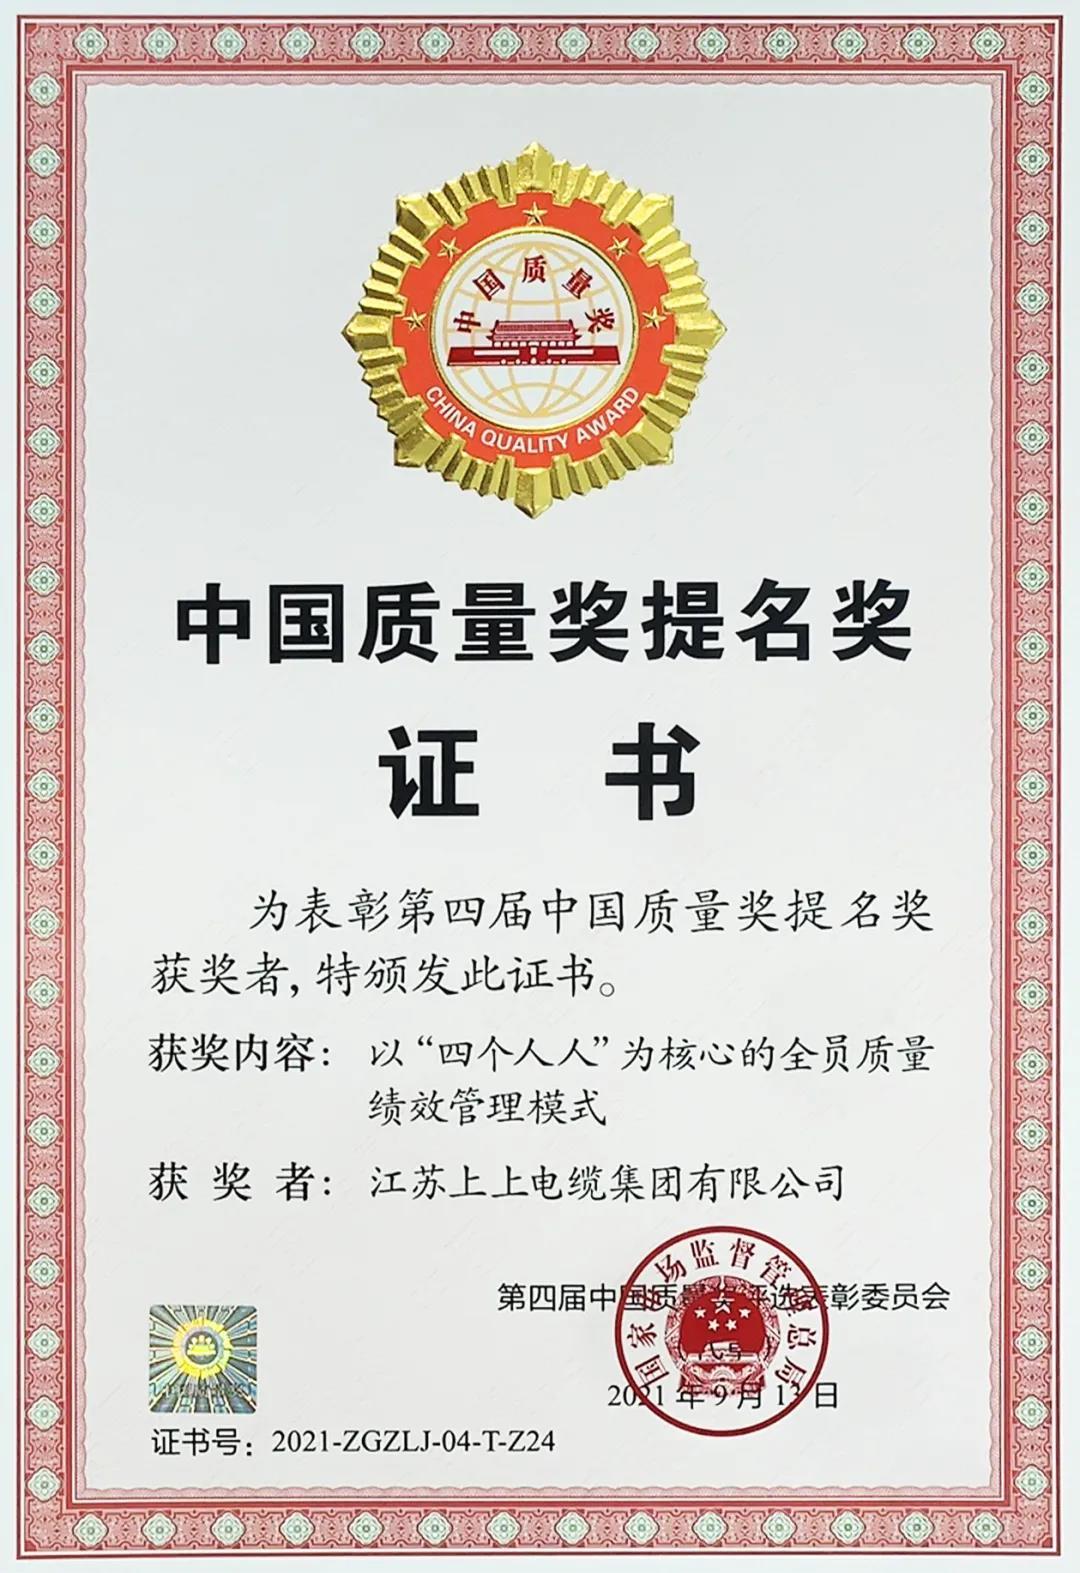 """喜讯!上上电缆荣膺第四届""""中国质量奖提名奖"""""""